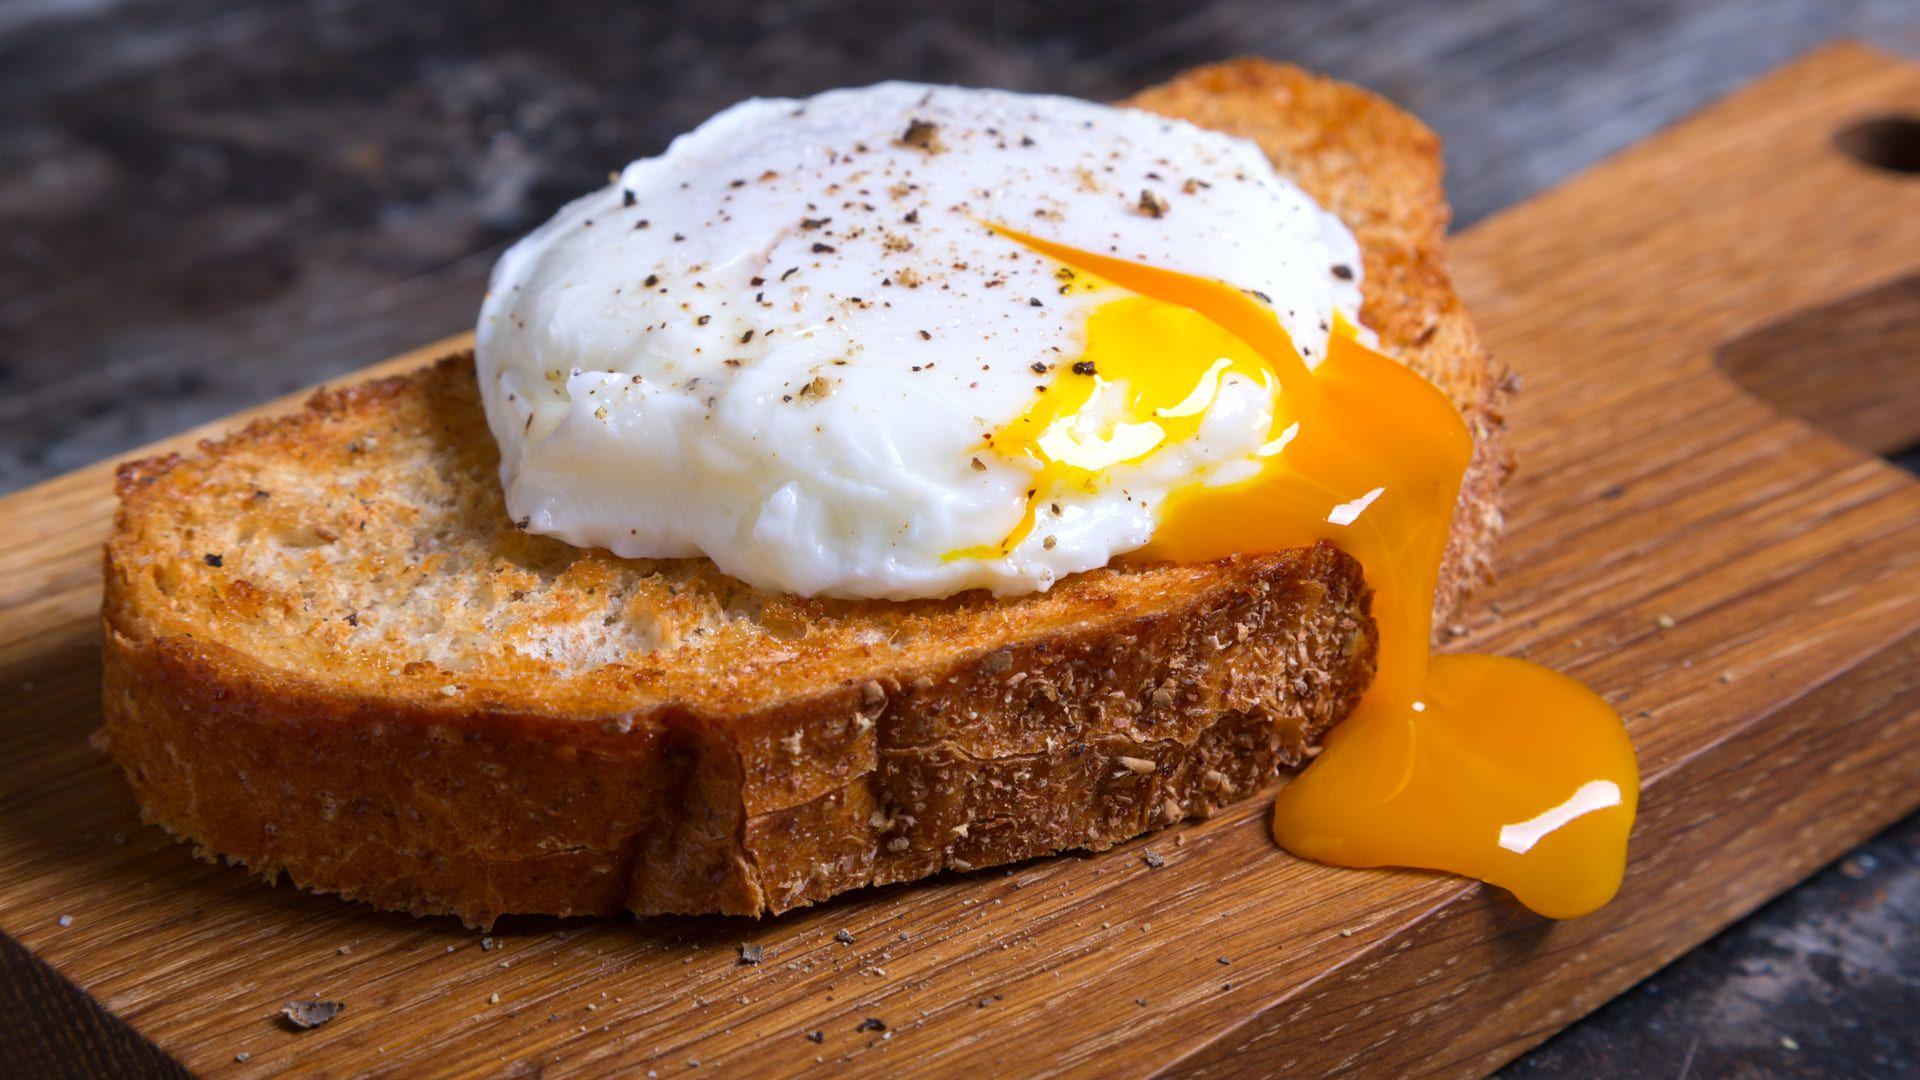 Procurando uma receita de ovo no micro-ondas? Dá uma olhada aqui embaixo. (Imagem: Reprodução/Shutterstock)